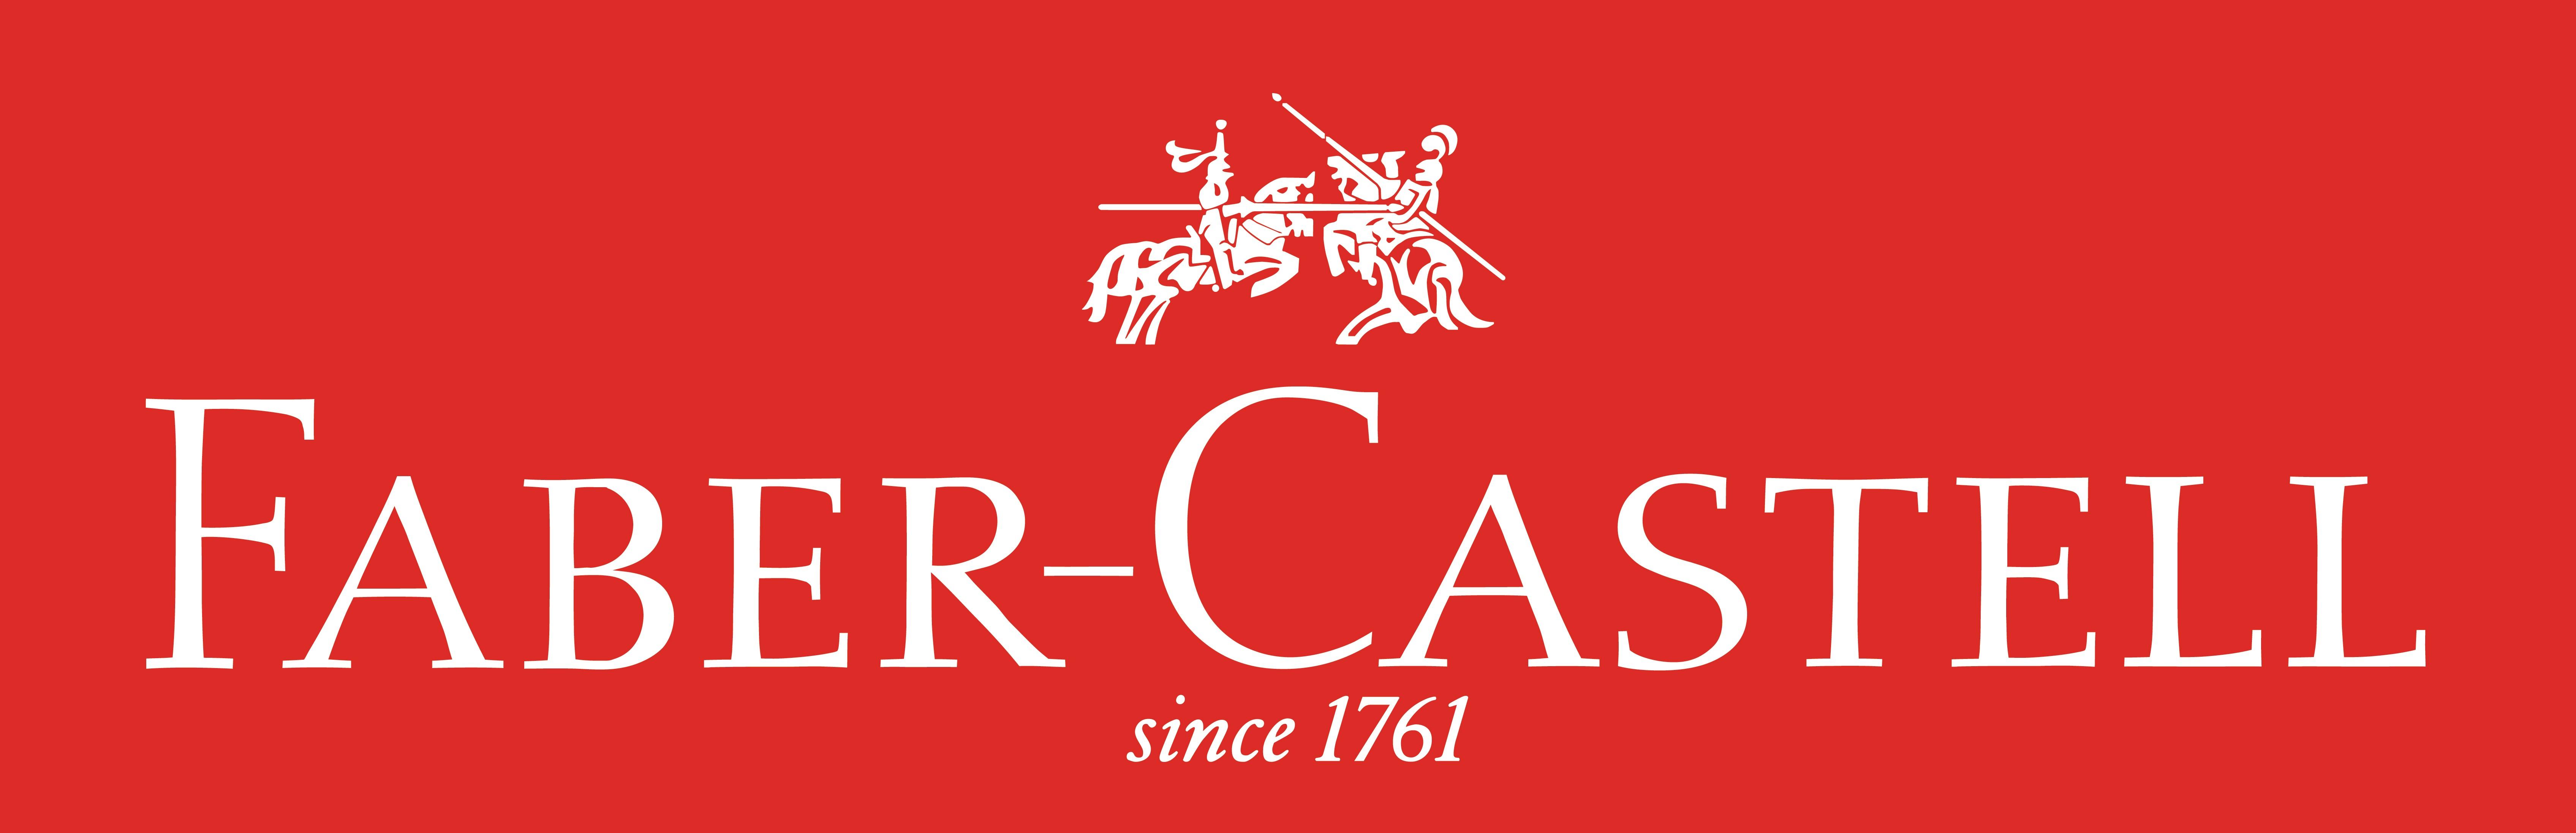 Faber Castell Faber-castell Econ 0.7mm Versatil Kalem(turkuaz) Fiyatı, Yorumları - TRENDYOL